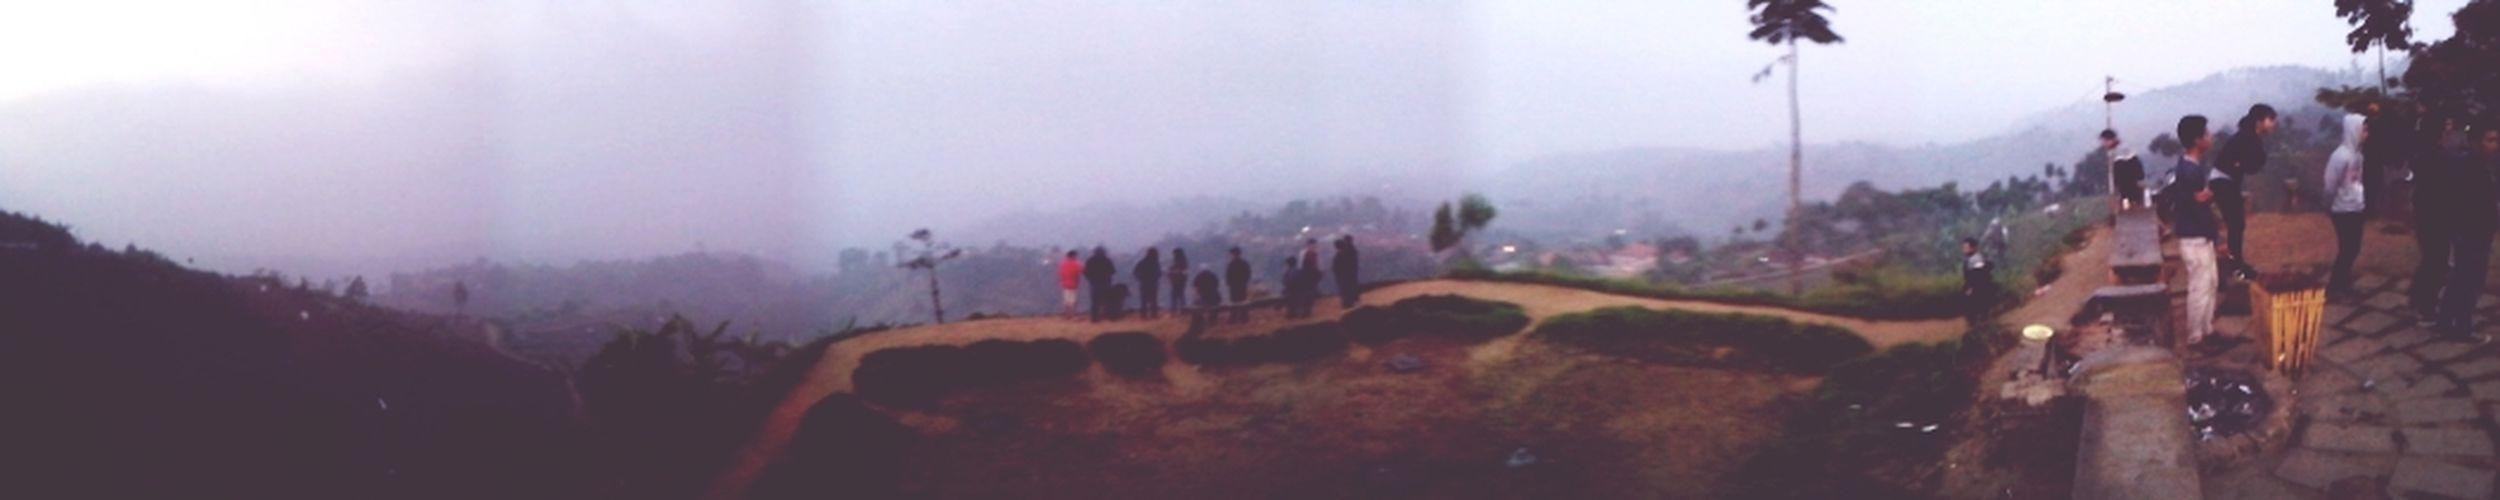 panoramic MoKo Wide Angle Pano